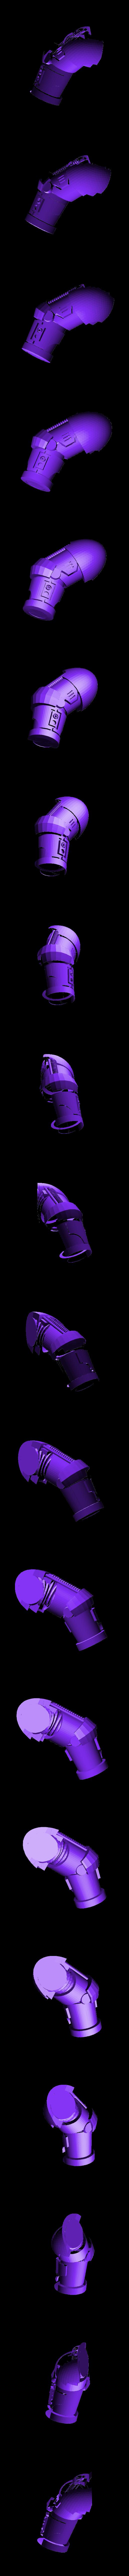 Arm 1 R.stl Télécharger fichier STL gratuit L'équipe des Chevaliers gris Primaris • Modèle pour imprimante 3D, joeldawson93